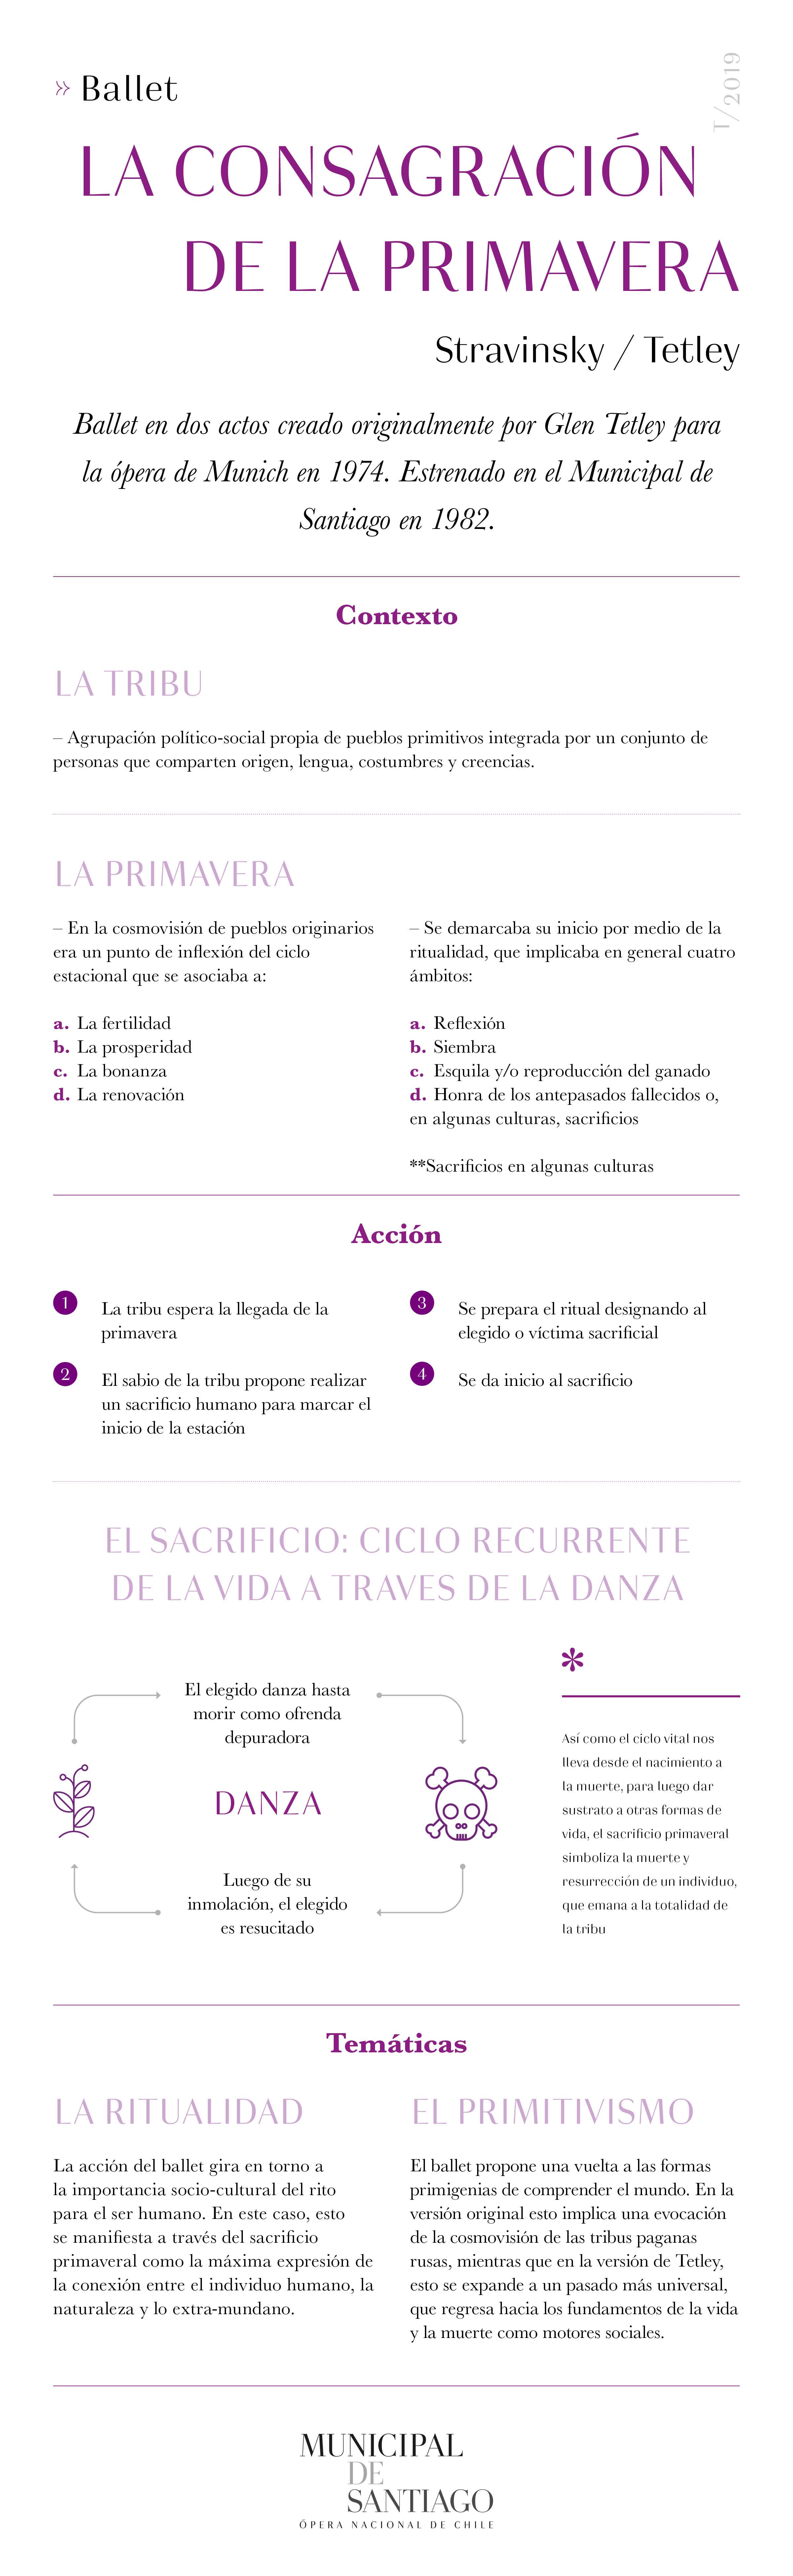 Festival Stravinsky, La consagración de la primavera, infografía, Municipal de Santiago